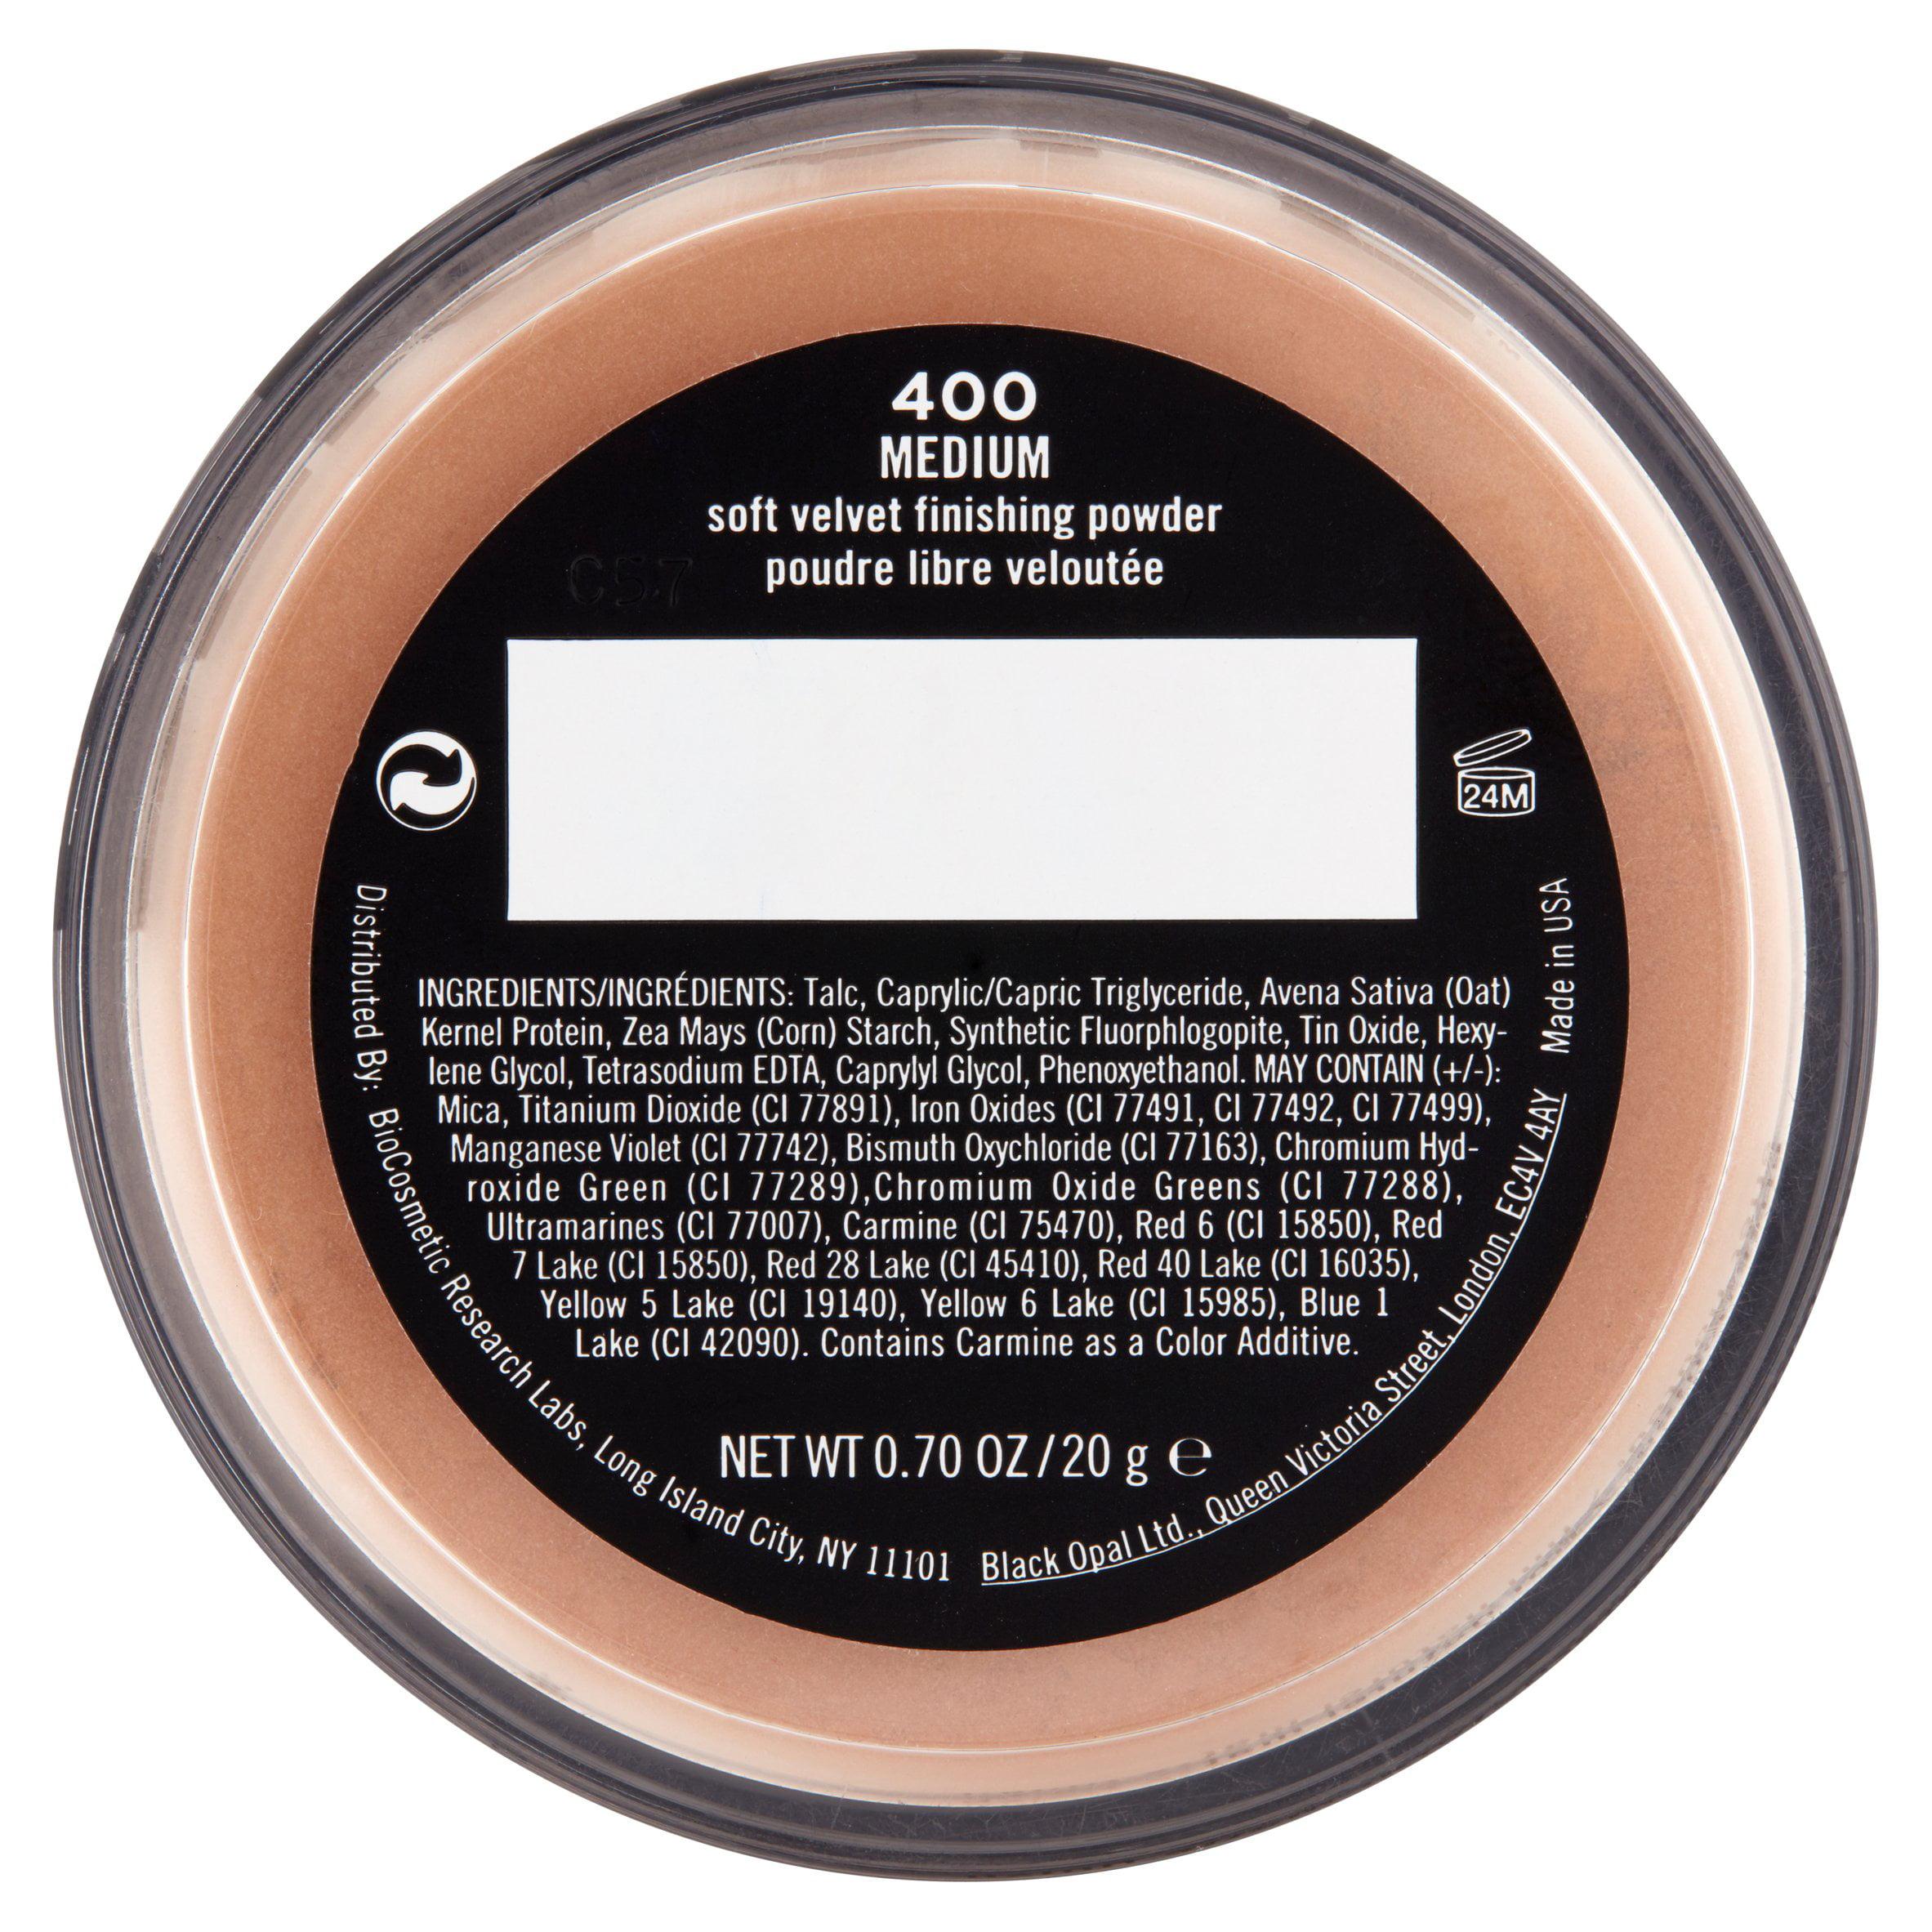 TRUE COLOR Soft Velvet Finishing Powder by Black Opal #19